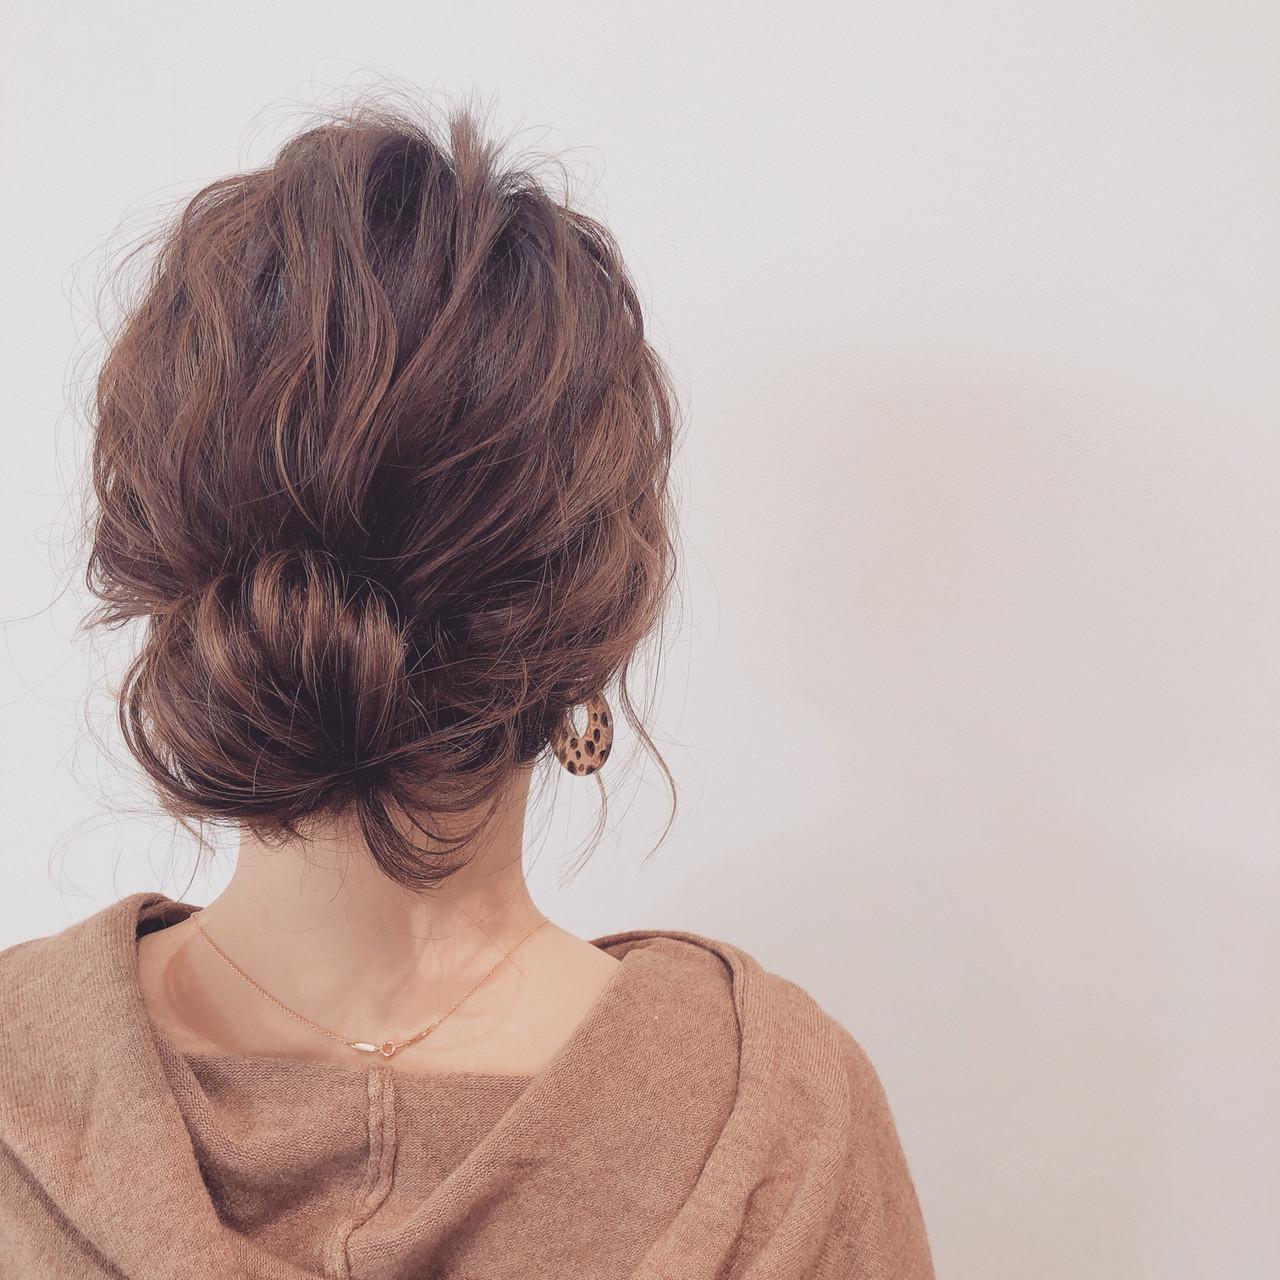 お団子アレンジ ヘアアレンジ セミロング セルフアレンジ ヘアスタイルや髪型の写真・画像